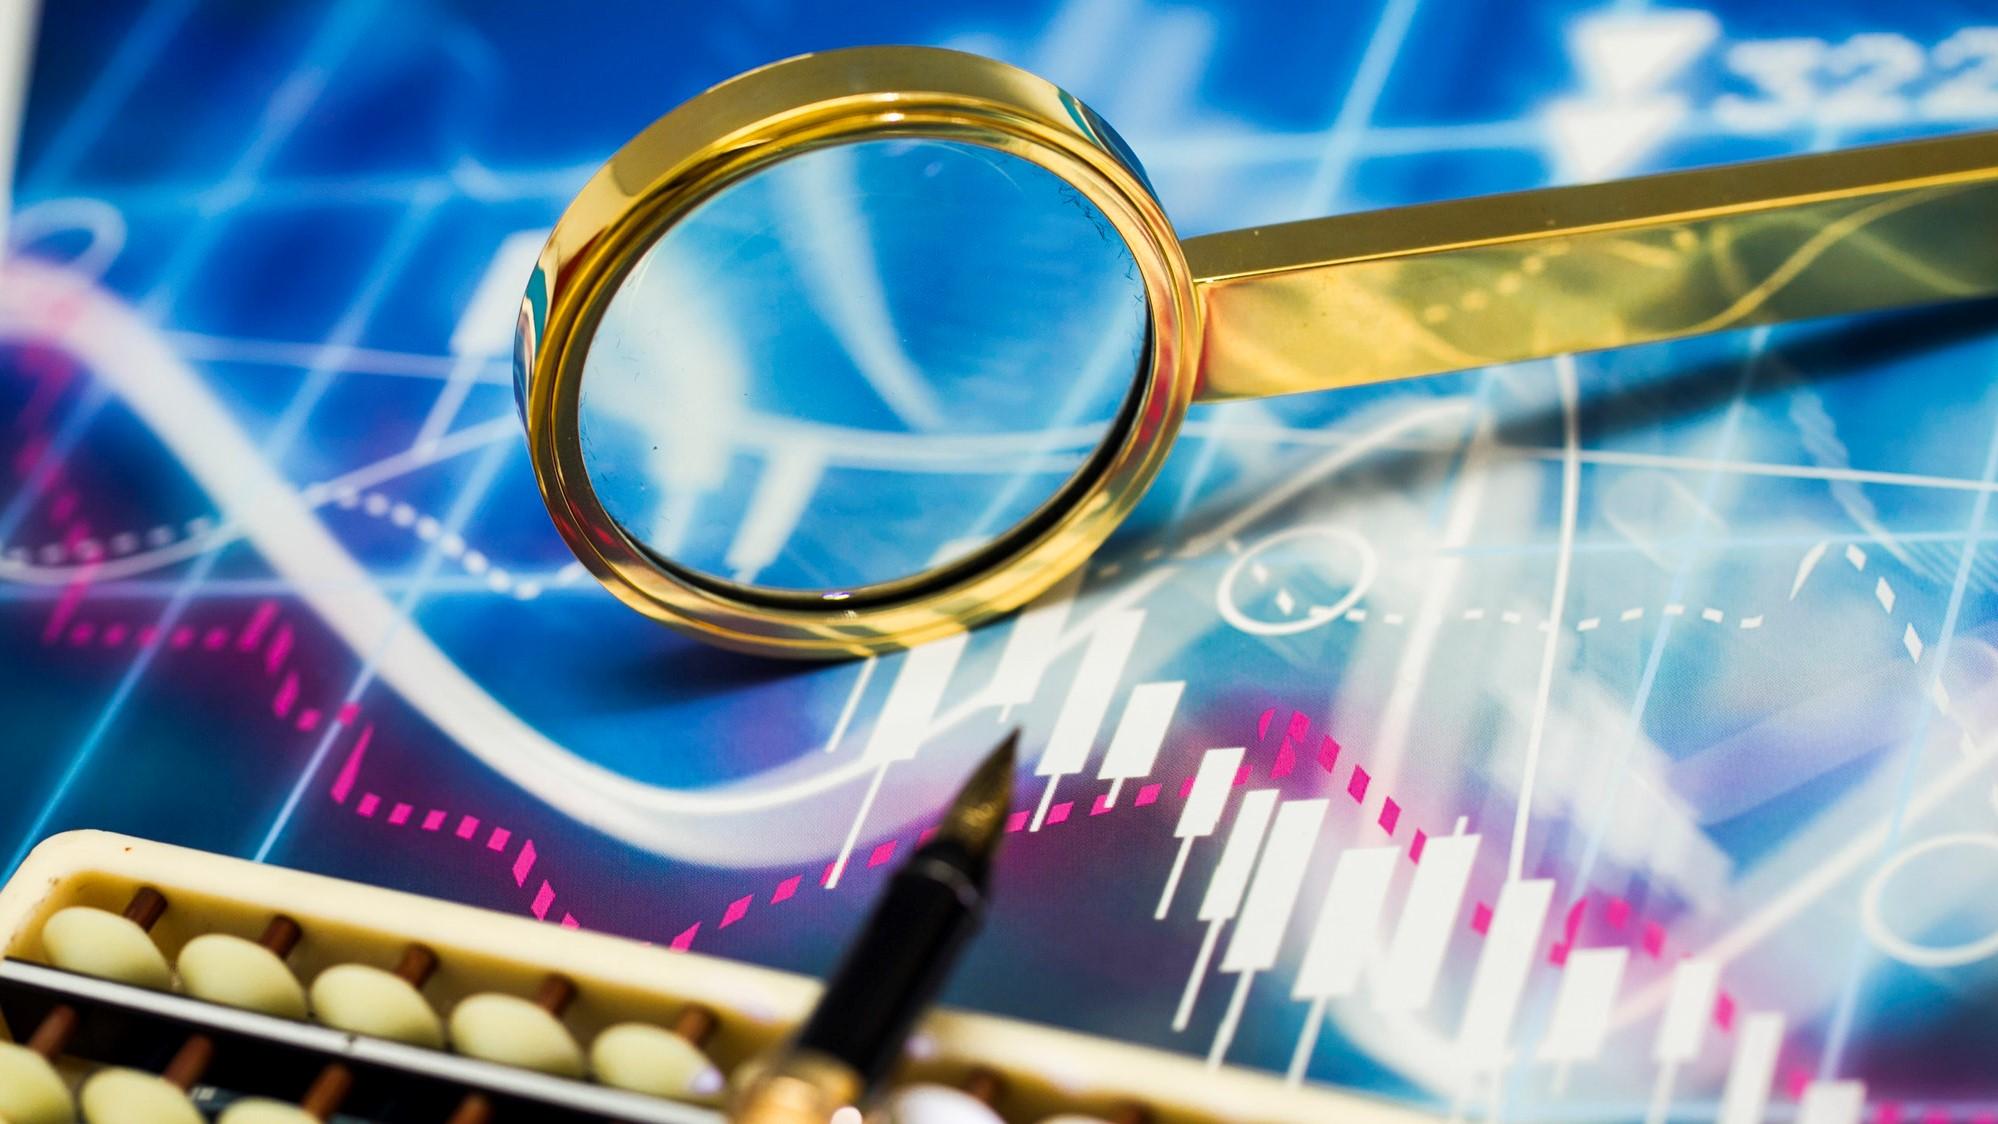 汉素生物估值下降逾7成后,美瑞健康国际(02327.HK)再度抢得5.55%股权